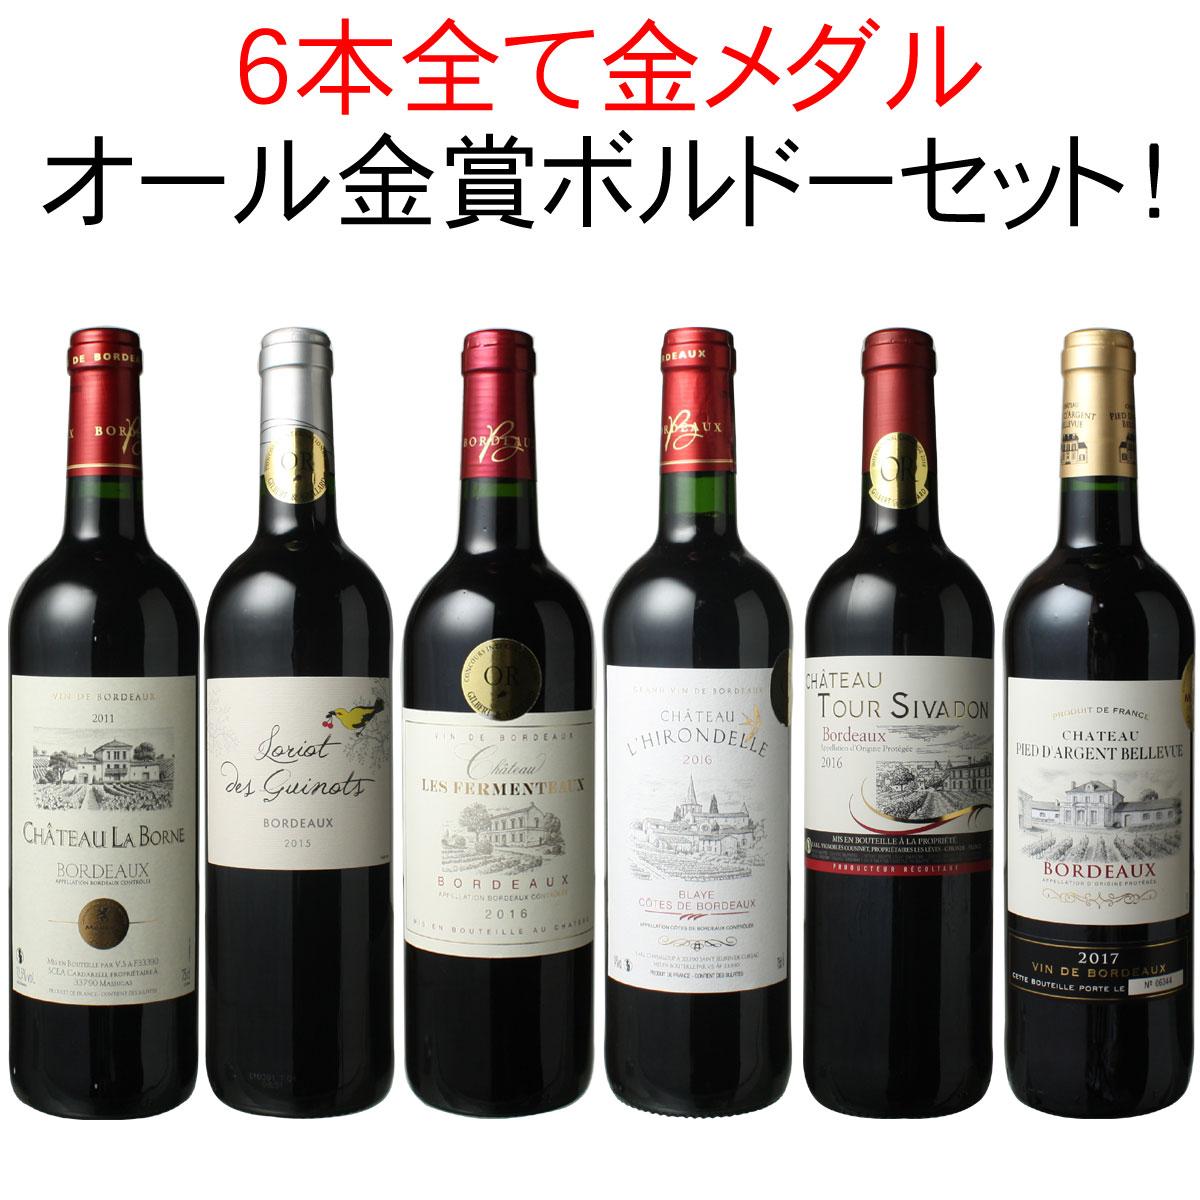 【送料無料】ワインセット 金賞 ボルドー 赤ワイン 6本セット カベルネ・ソーヴィニヨン メルロー オール金賞 第124弾